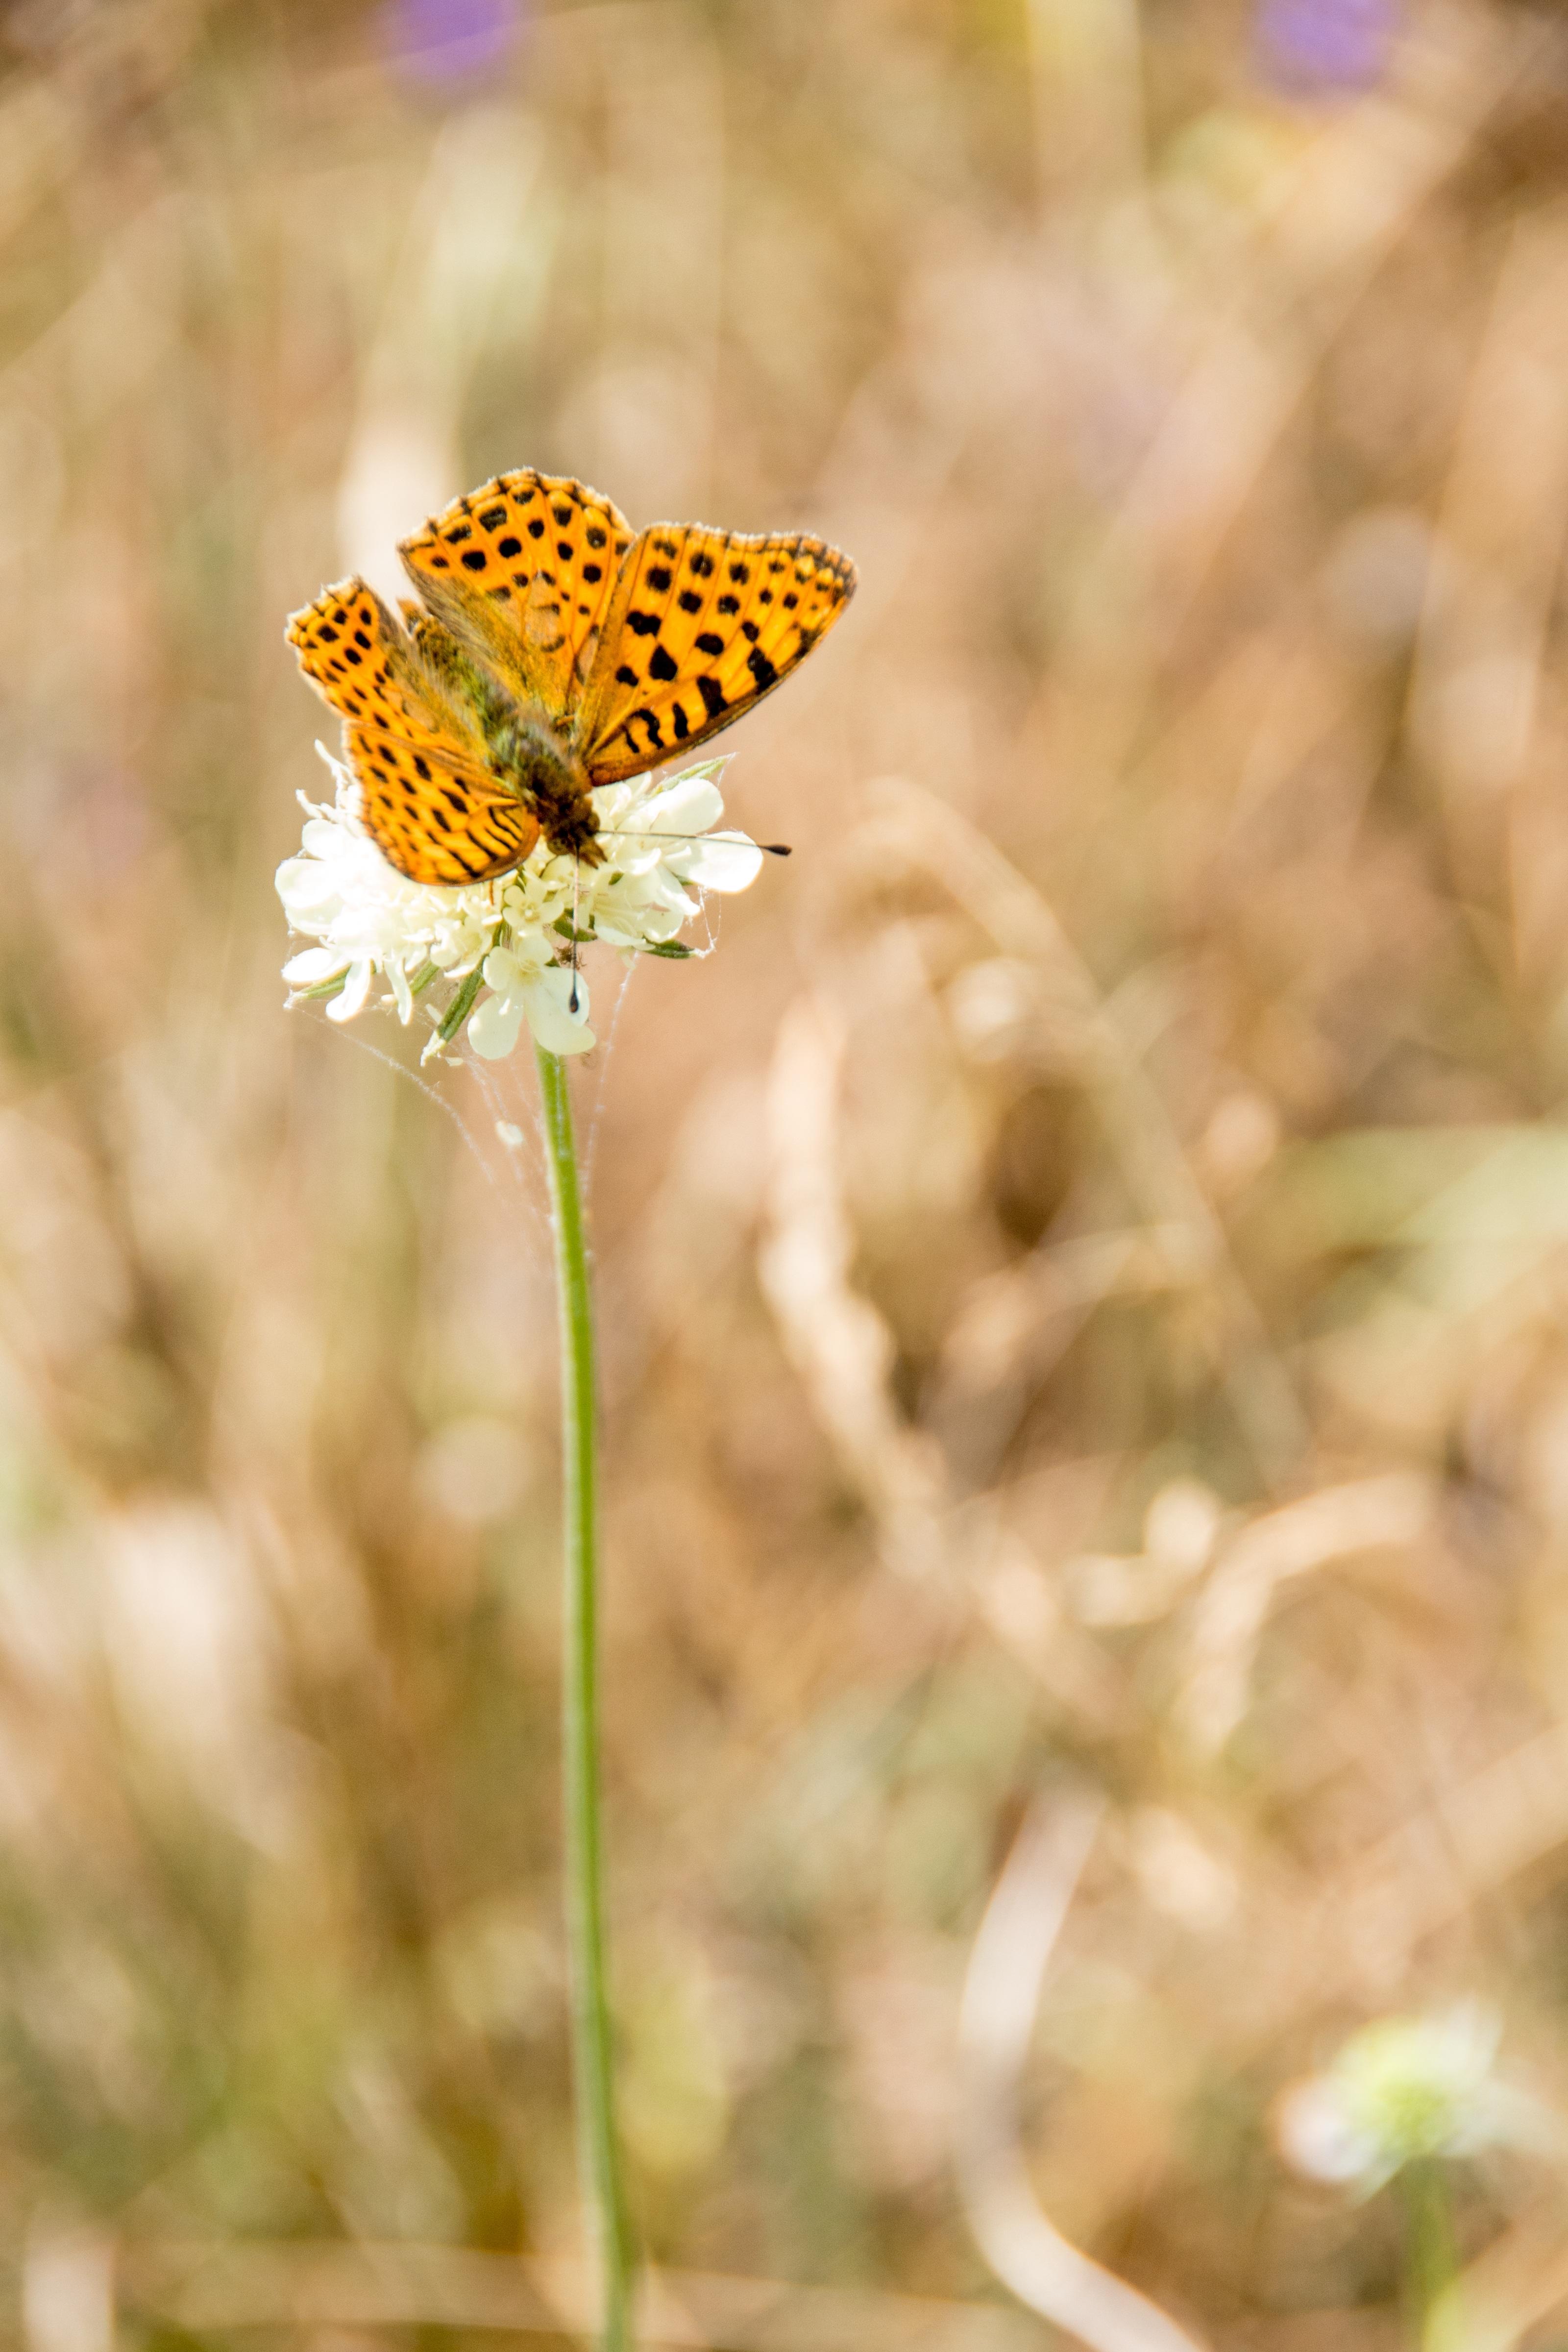 無料画像 自然 翼 工場 草原 葉 花弁 咲く 飛ぶ 夏